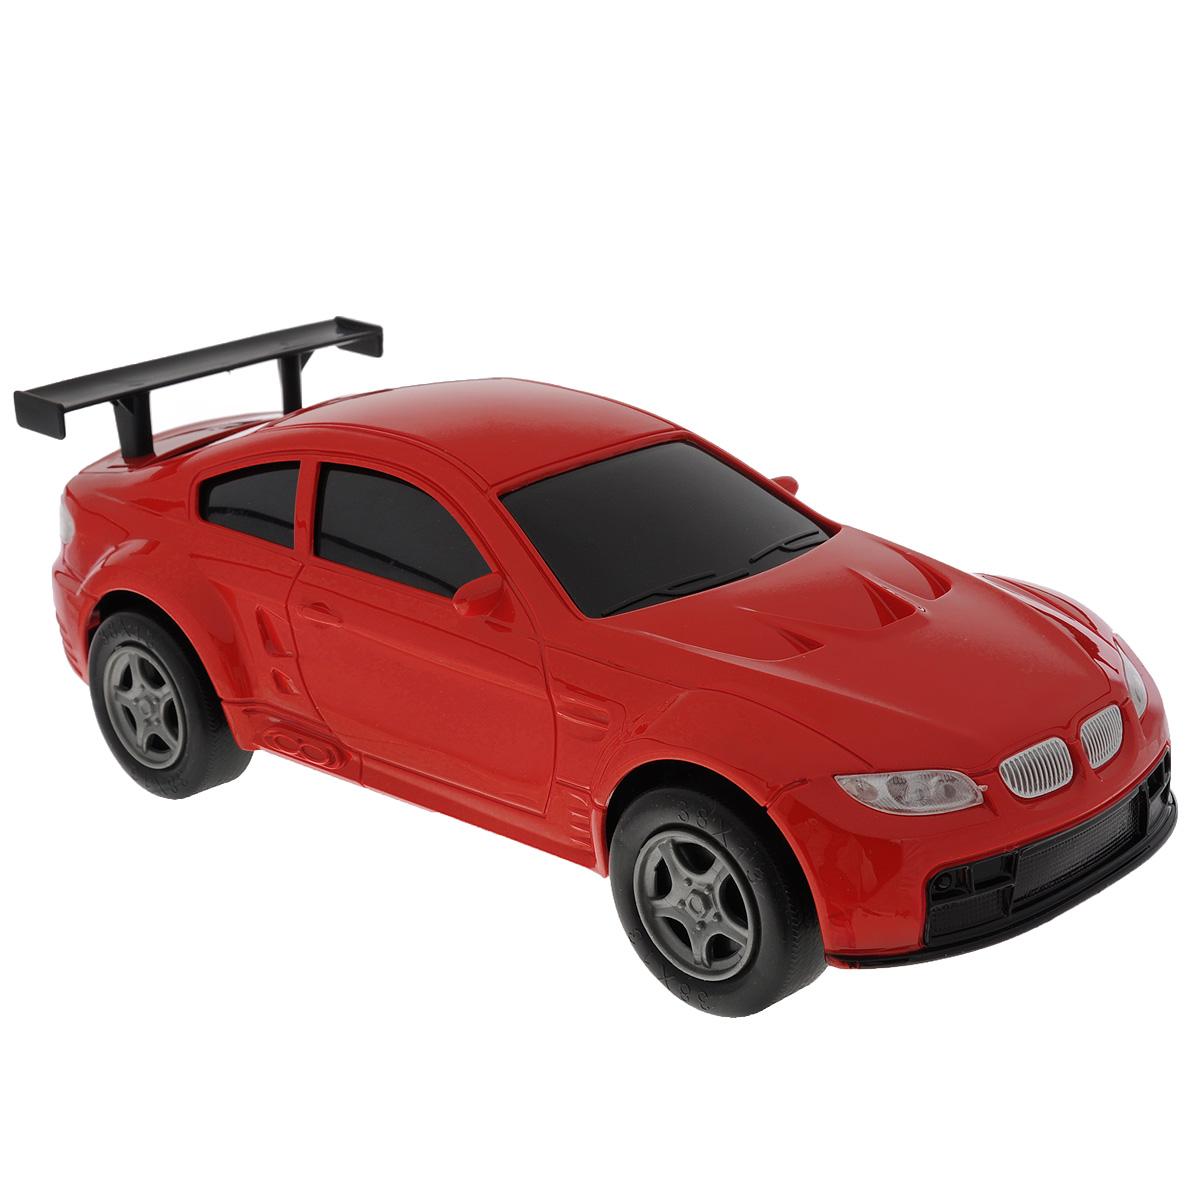 Машинка Пламенный мотор, цвет: красный87446_красныйИгрушечный автомобиль Пламенный мотор с инерционным механизмом обязательно понравится вашему малышу. Он привлечет внимание вашего ребенка и надолго останется его любимой игрушкой. Машинка выполнена из пластмассы с элементами металла. Благодаря инерционному механизму игрушка может двигаться самостоятельно, стоит только откатить машинку назад, а затем отпустить, и она поедет вперед.. Игрушка развивает концентрацию внимания, координацию движений, мелкую моторику рук, цветовое восприятие и воображение. Малыш будет в восторге от такого подарка!